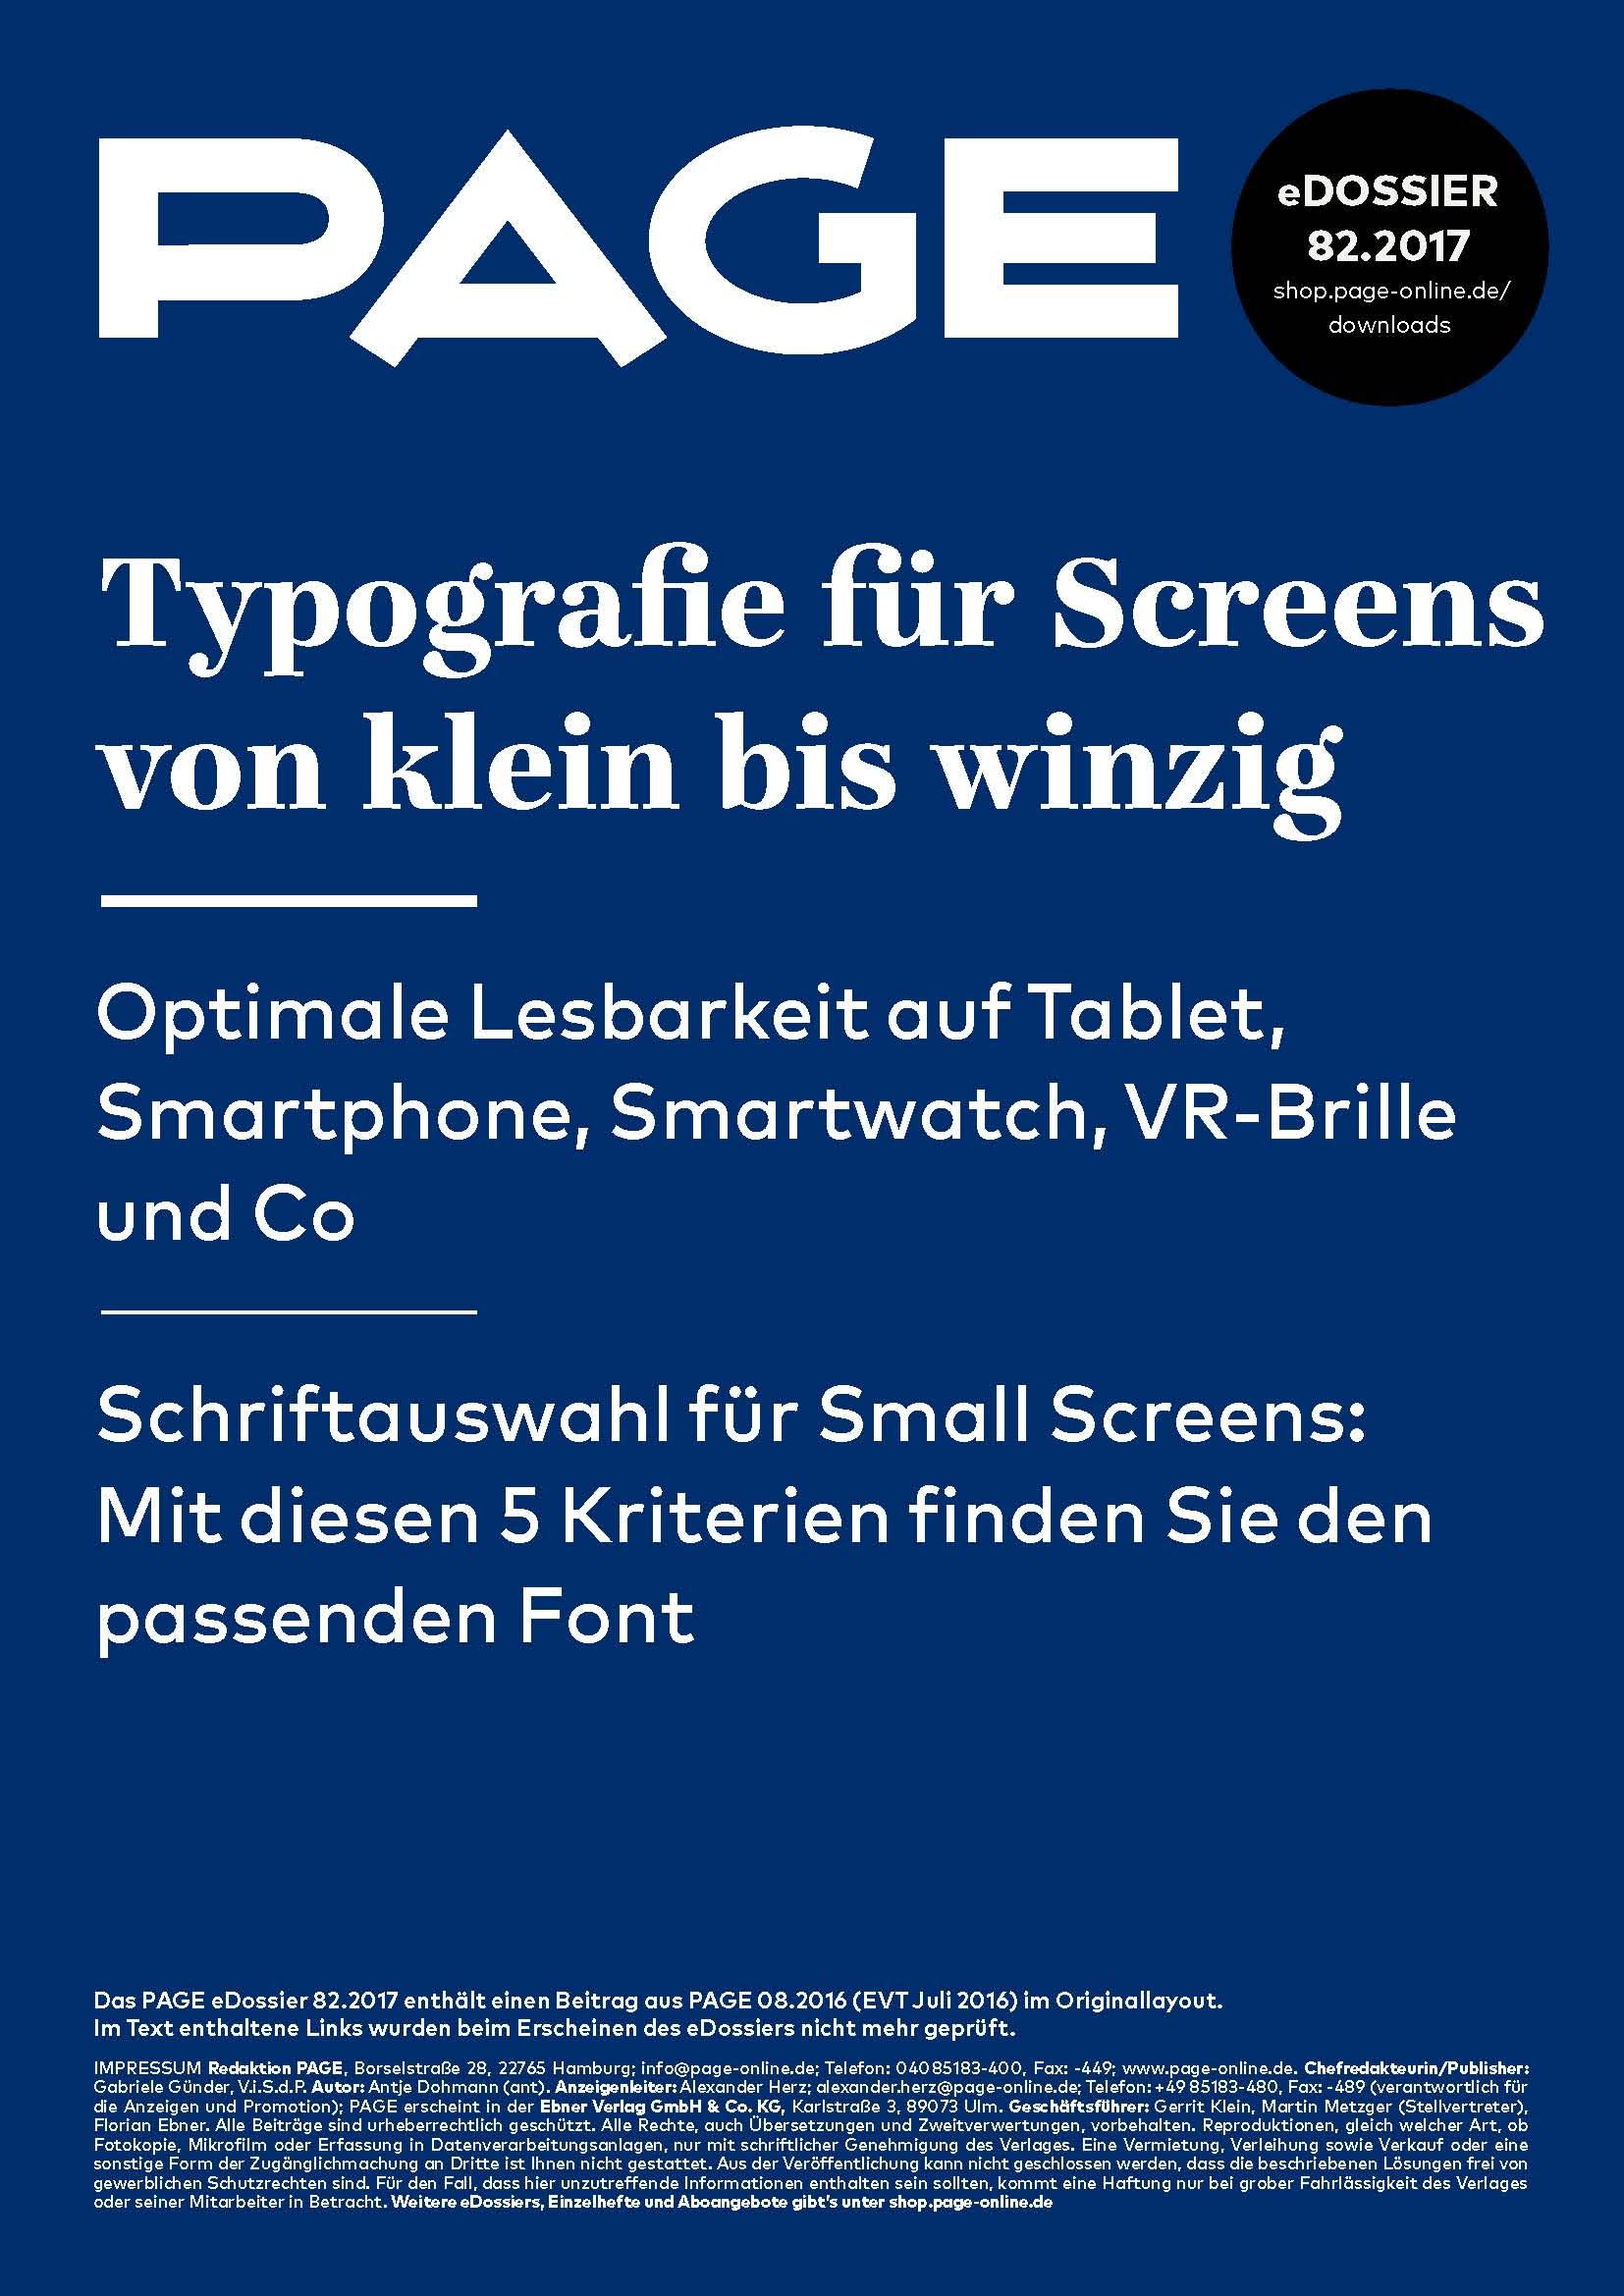 Typografie, Web-Fonts, Smartphone, Smartwatch, Smart Home, VR-Brillen, Responsive, Corporate Design